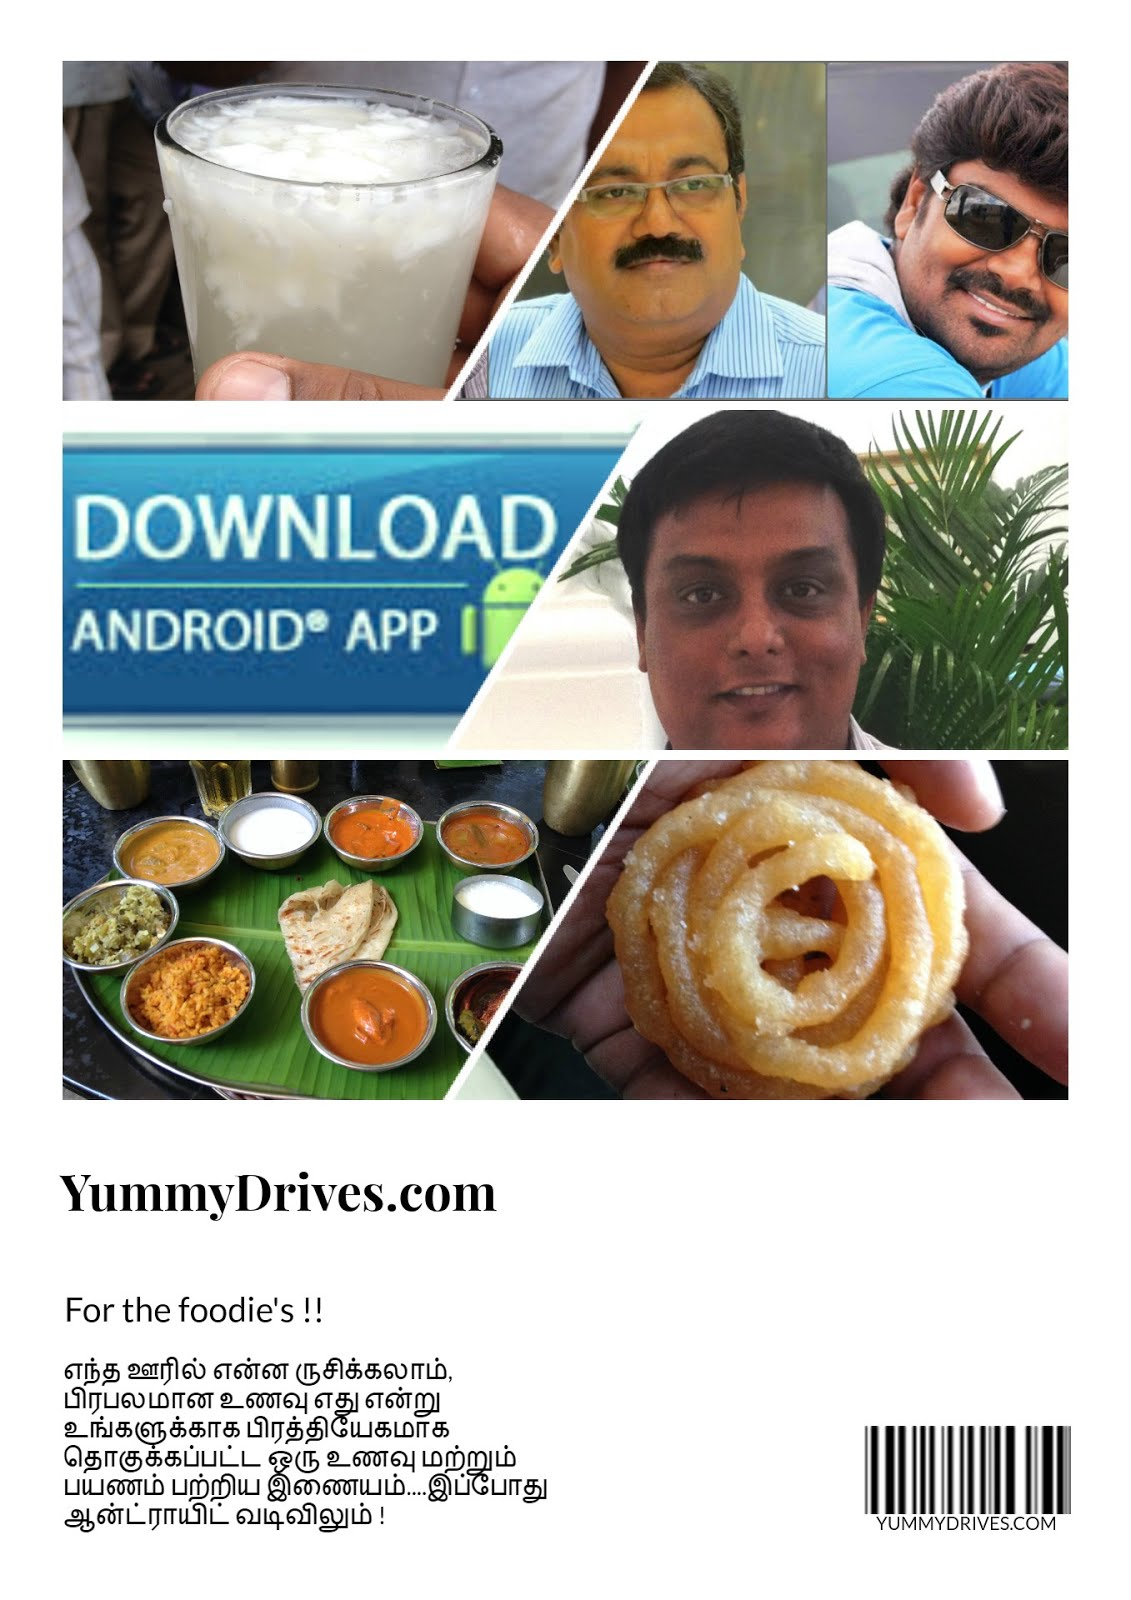 YummyDrives poster